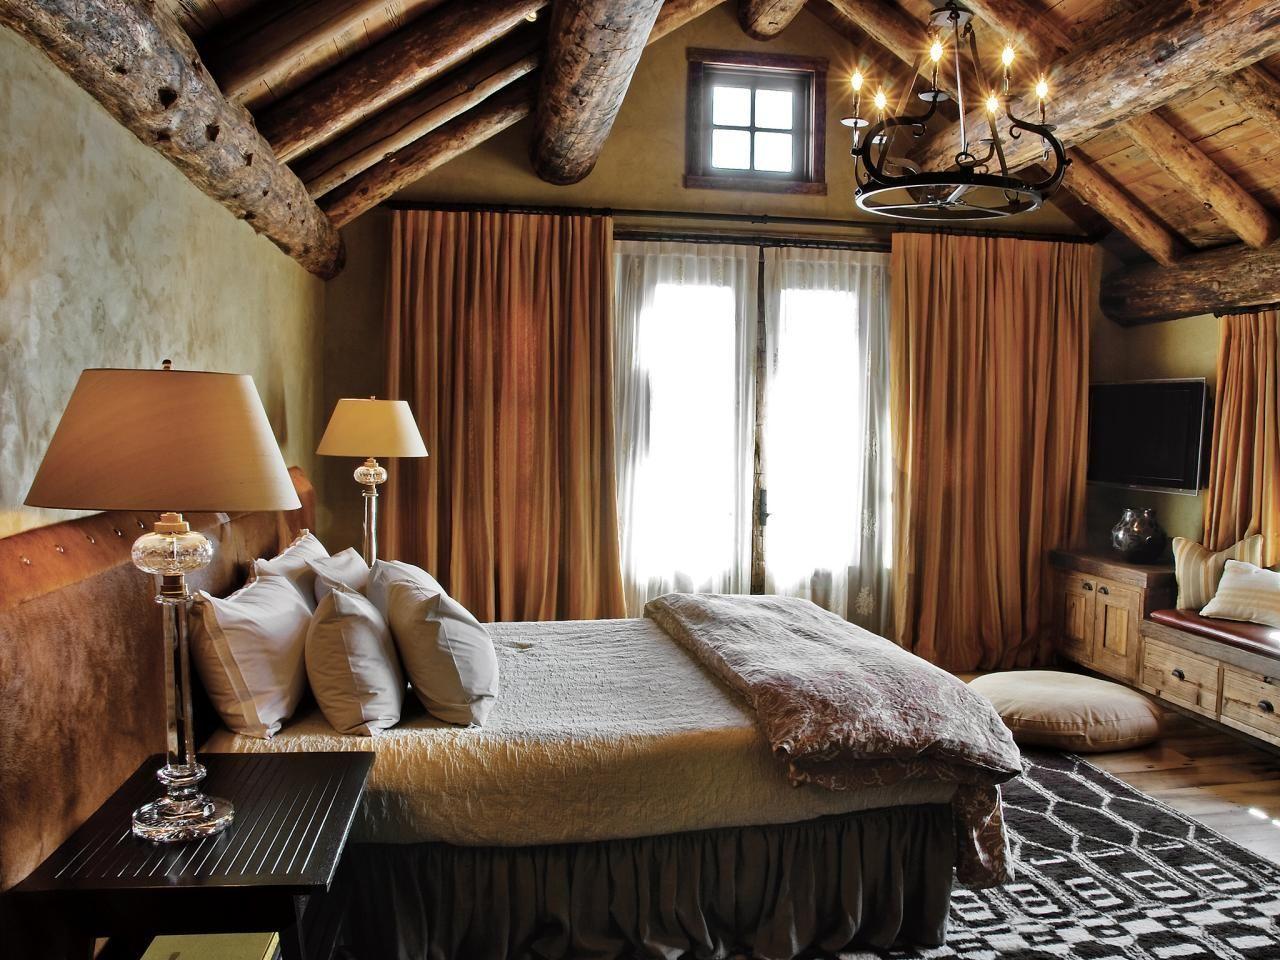 Schlafzimmer Deko ? Ideen Für Das Kopfbrett Aus Holz - Trendomat.com Schlafzimmer Deko Holz